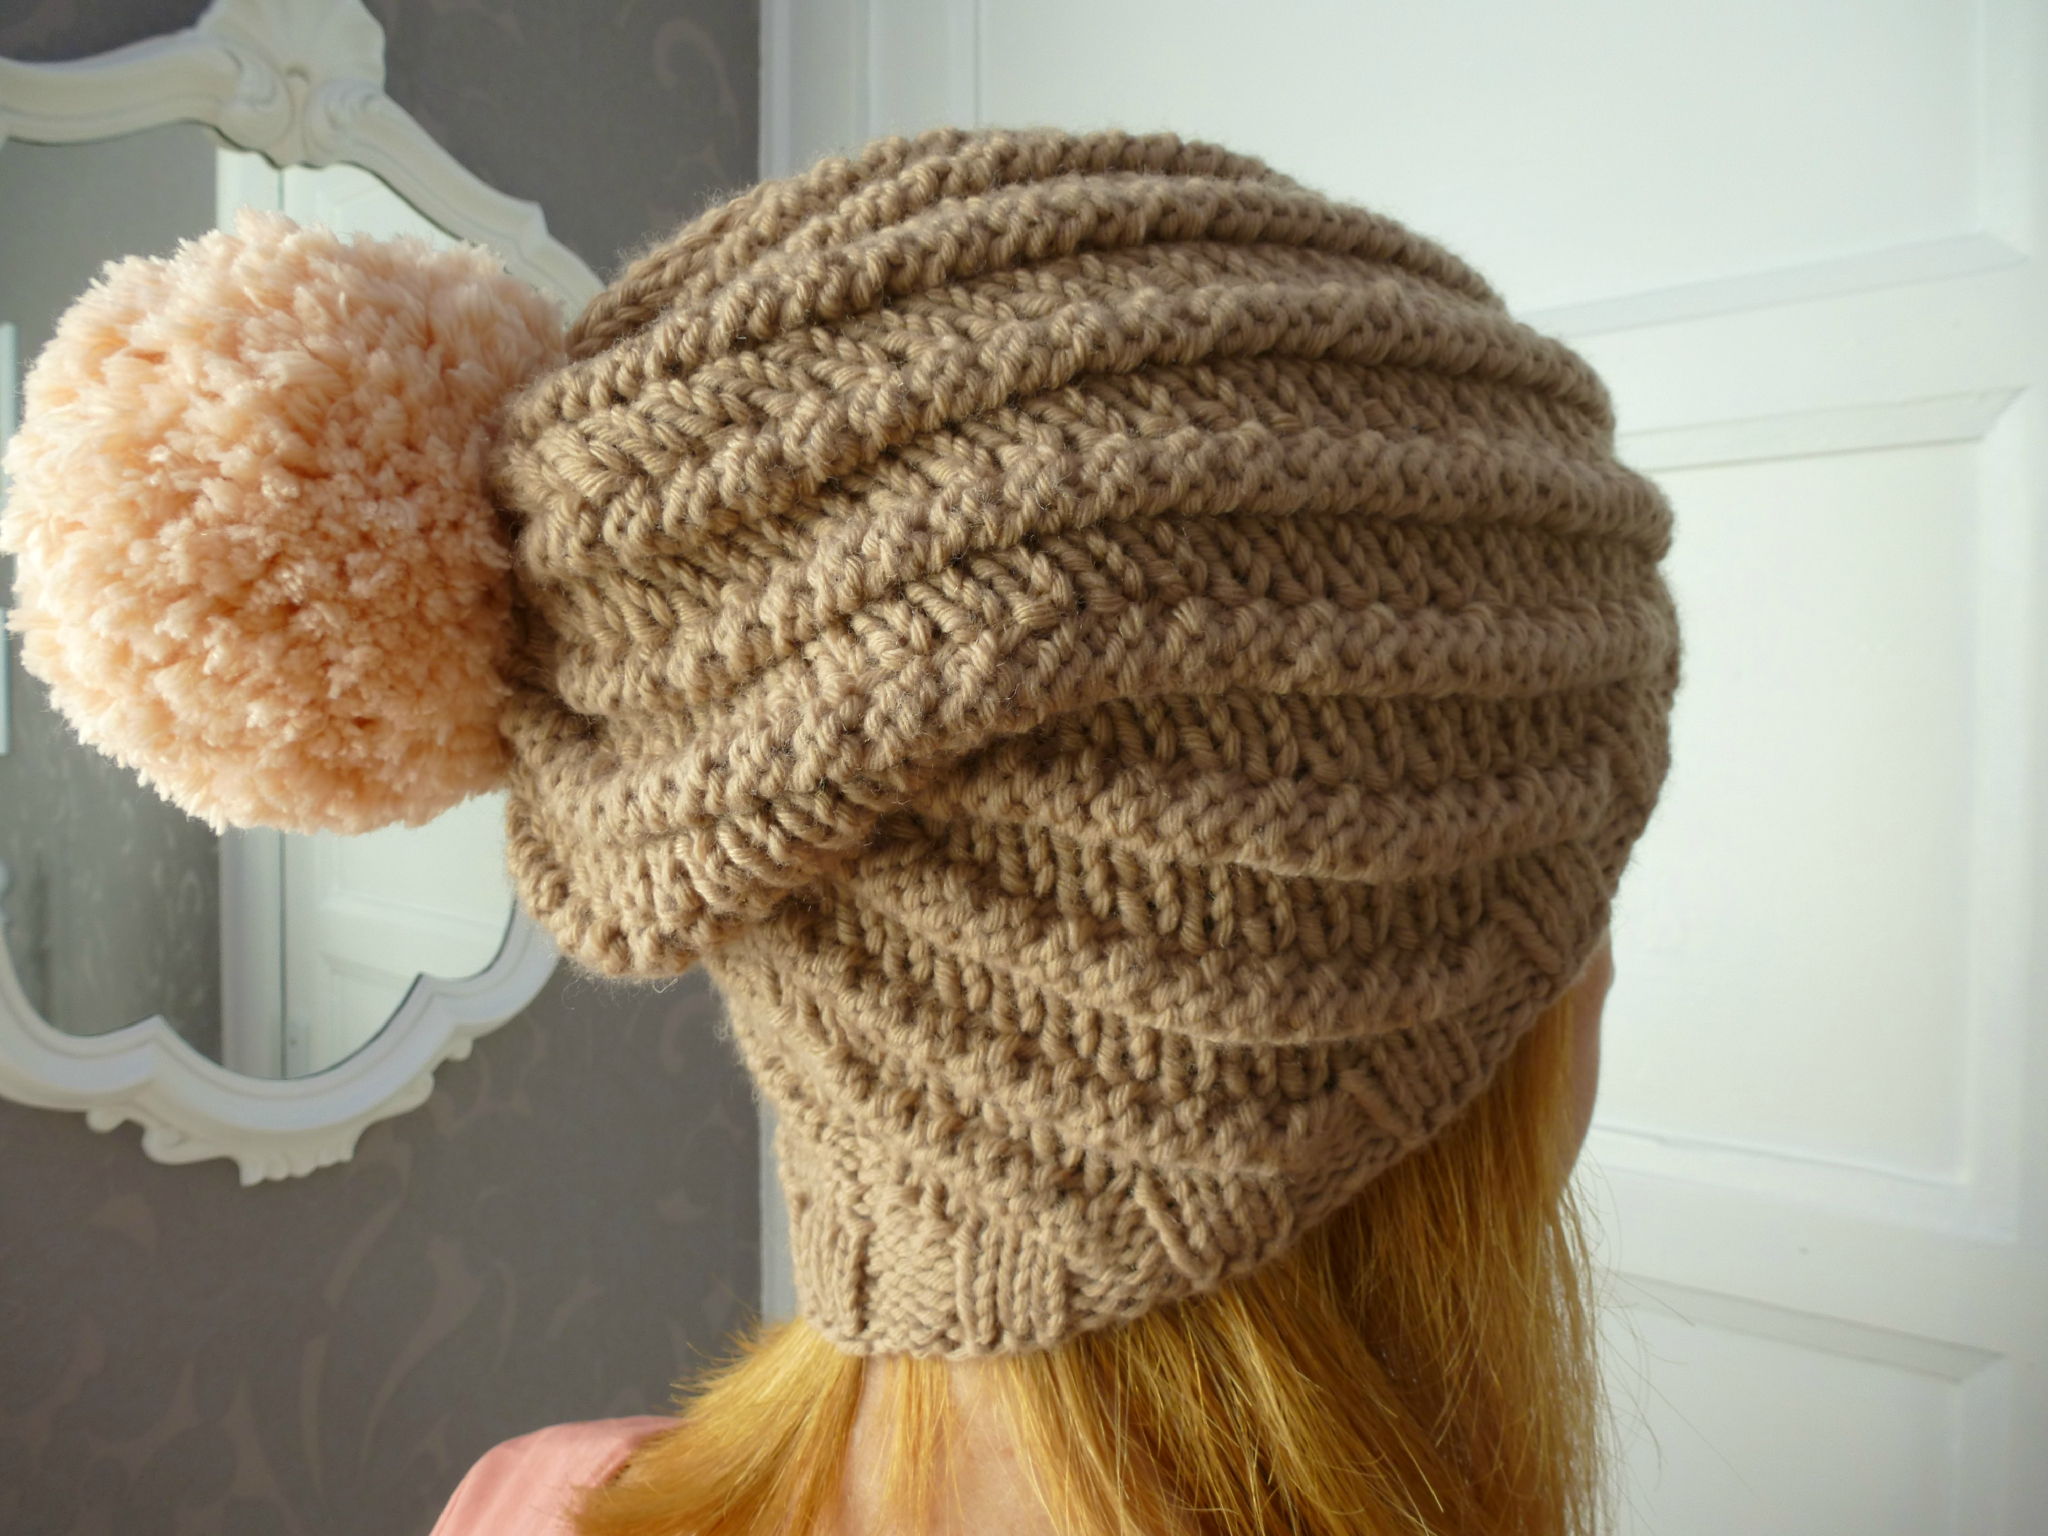 Comment tricoter un bonnet avec pompon - Modele de bonnet a tricoter facile ...